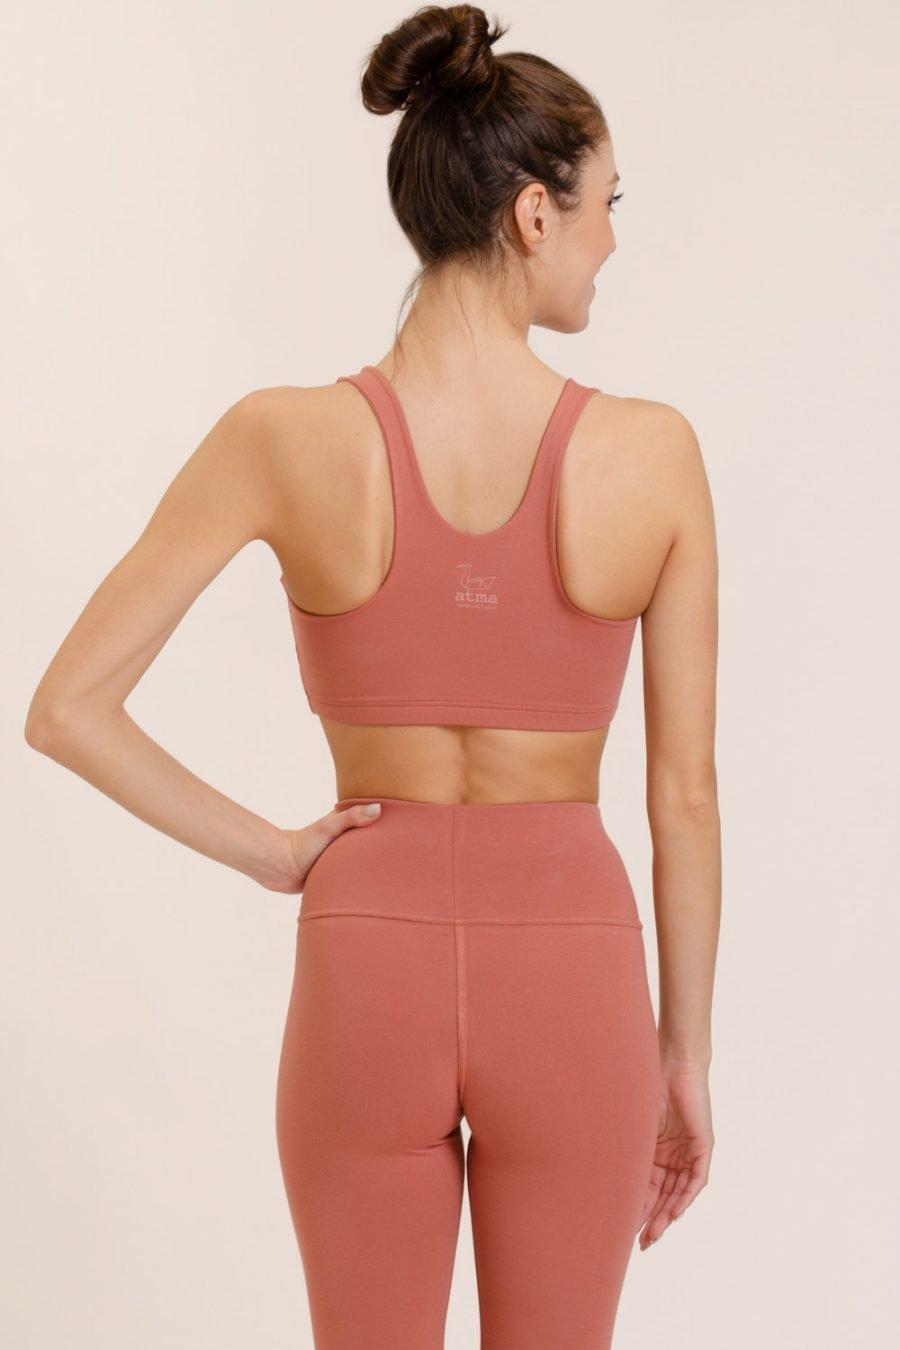 top mudra blush in cotone organico abbigliamento eco-consapevole made in italy atma feed your soul